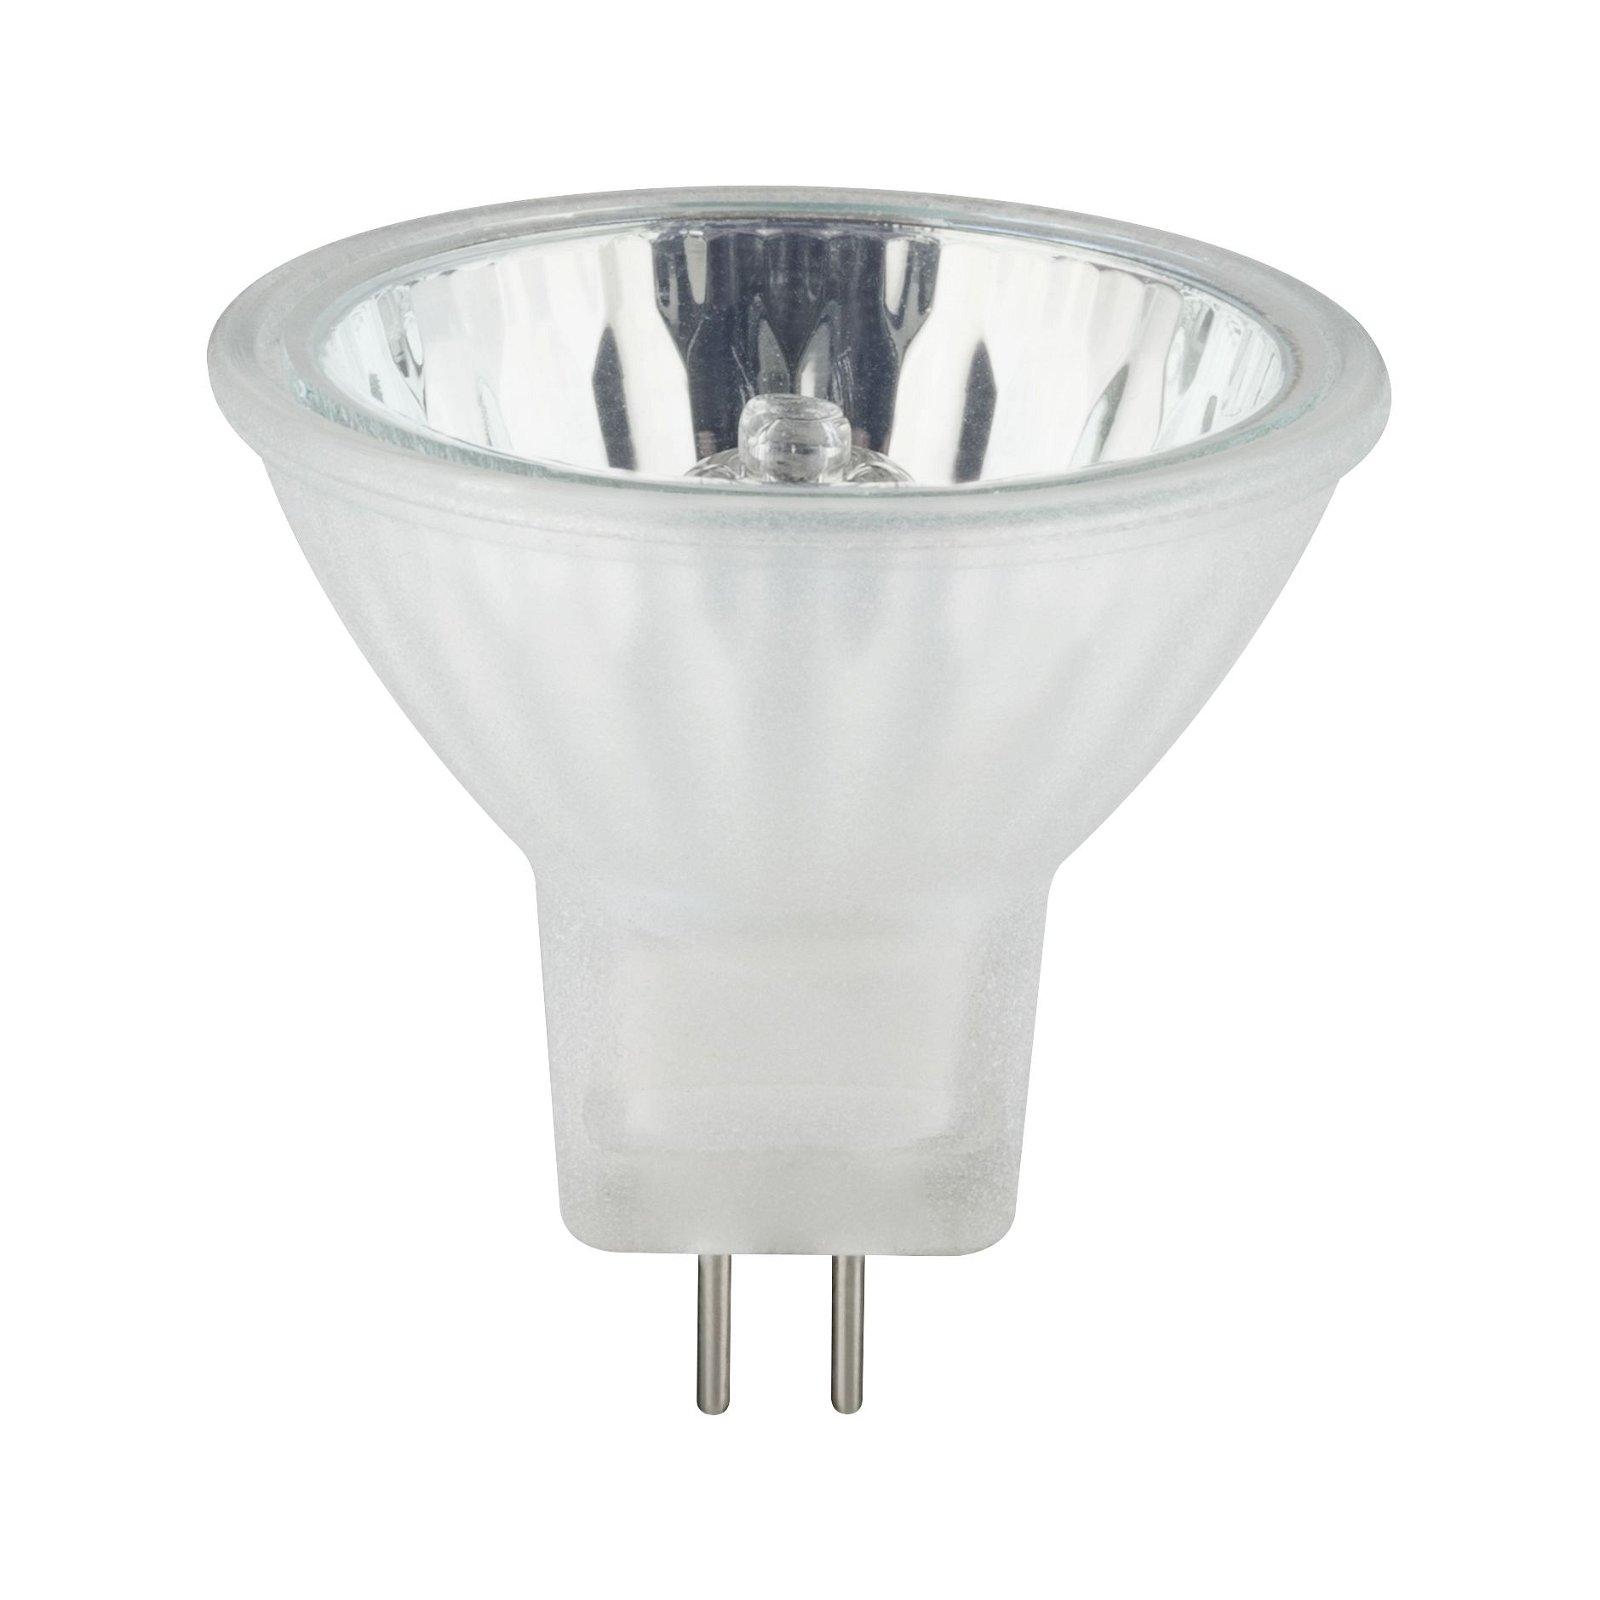 Niedervolthalogen Reflektorlampe Juwel 20 Watt GU4 Satin 12 V